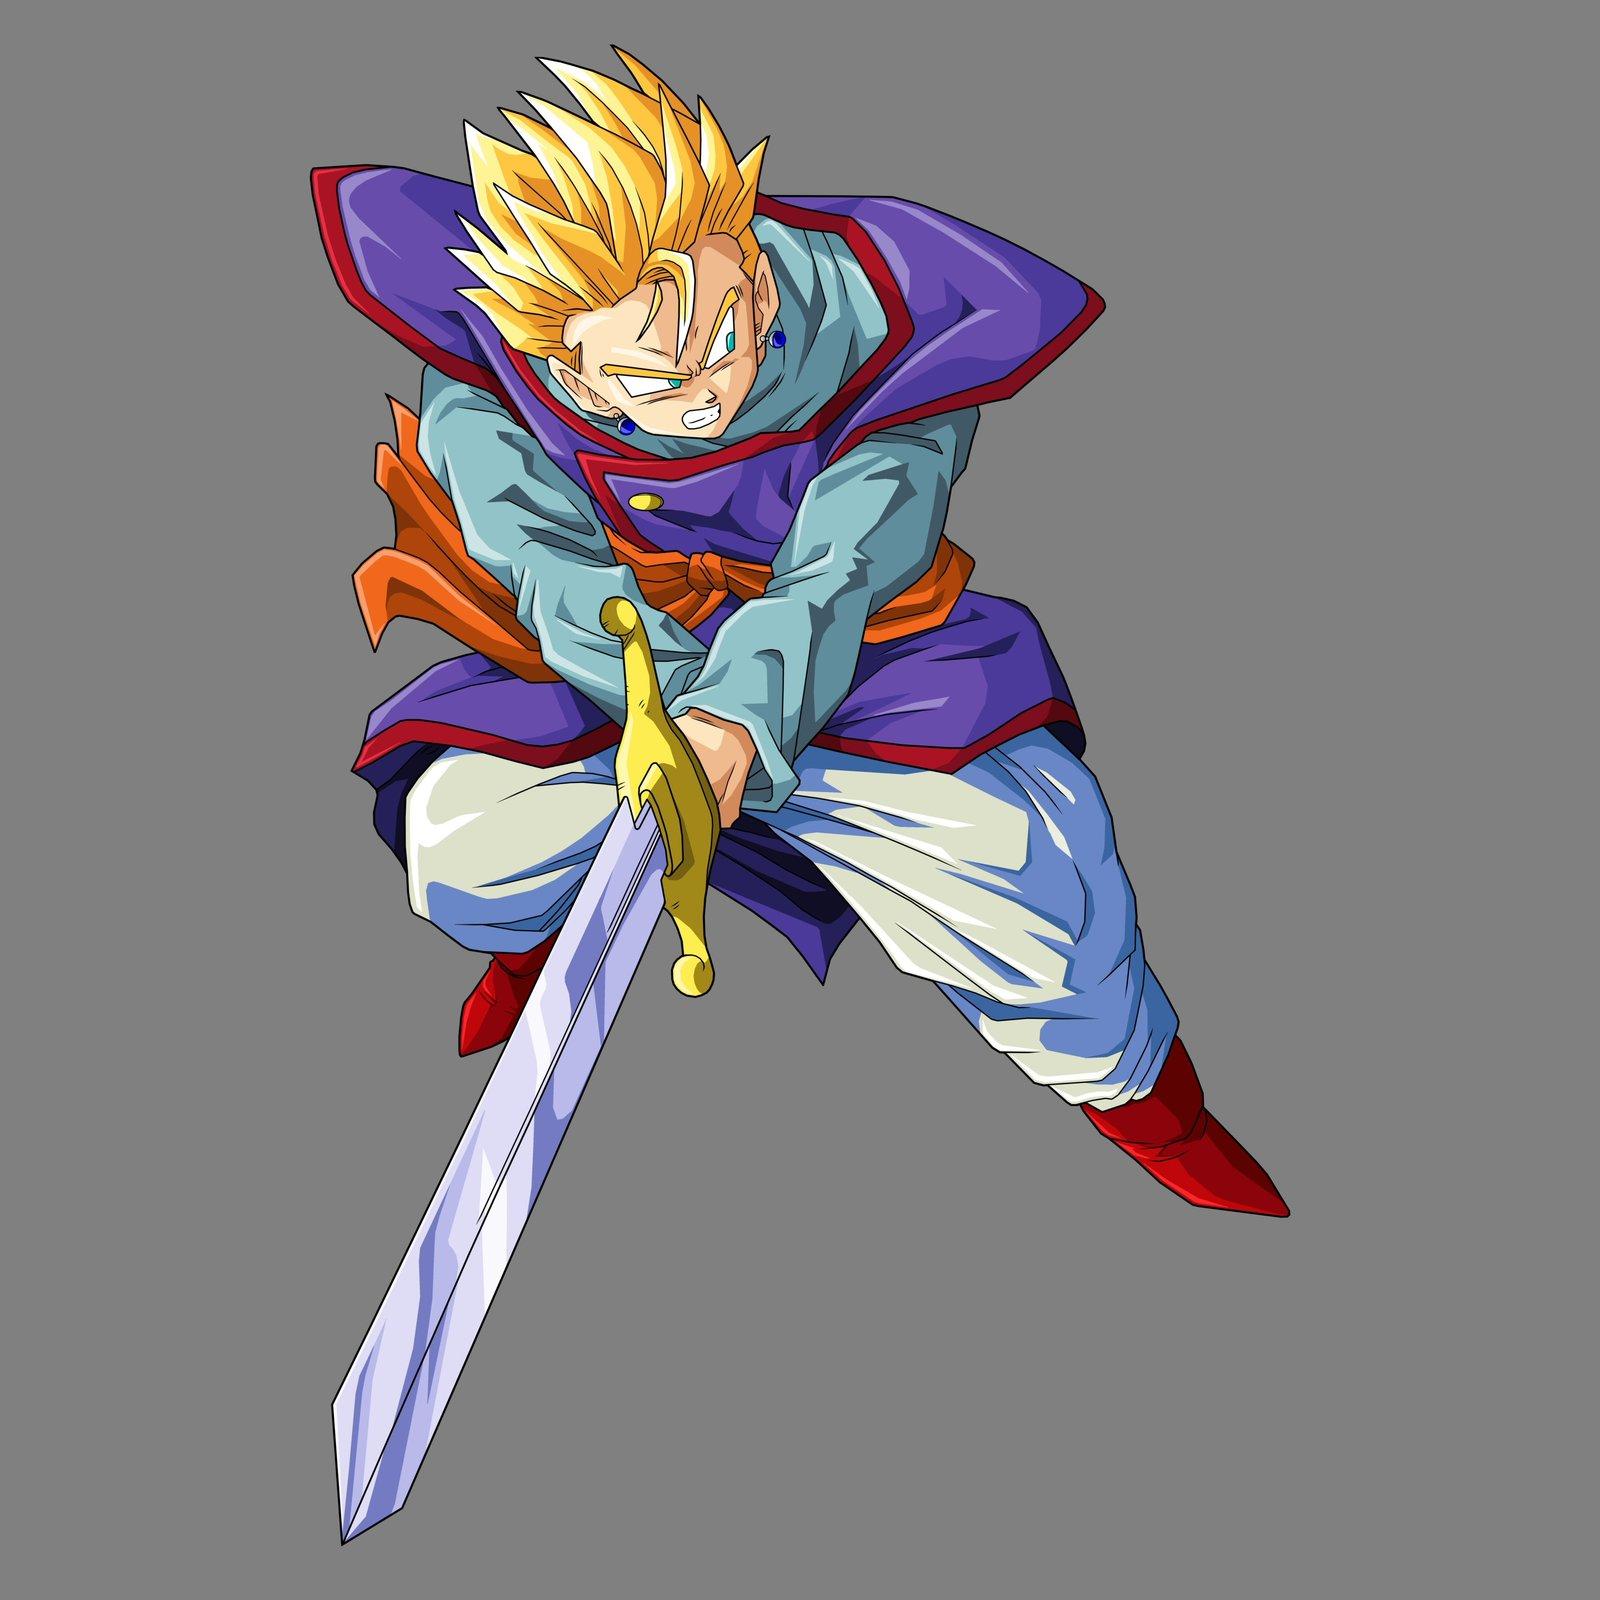 http://4.bp.blogspot.com/-GSIhN3Jxdj0/UFdcmJ-DKHI/AAAAAAAAKjY/3rJ7_hcUrNQ/s1600/Gohan_SSj_with_Sword_by_drozdoo.jpg